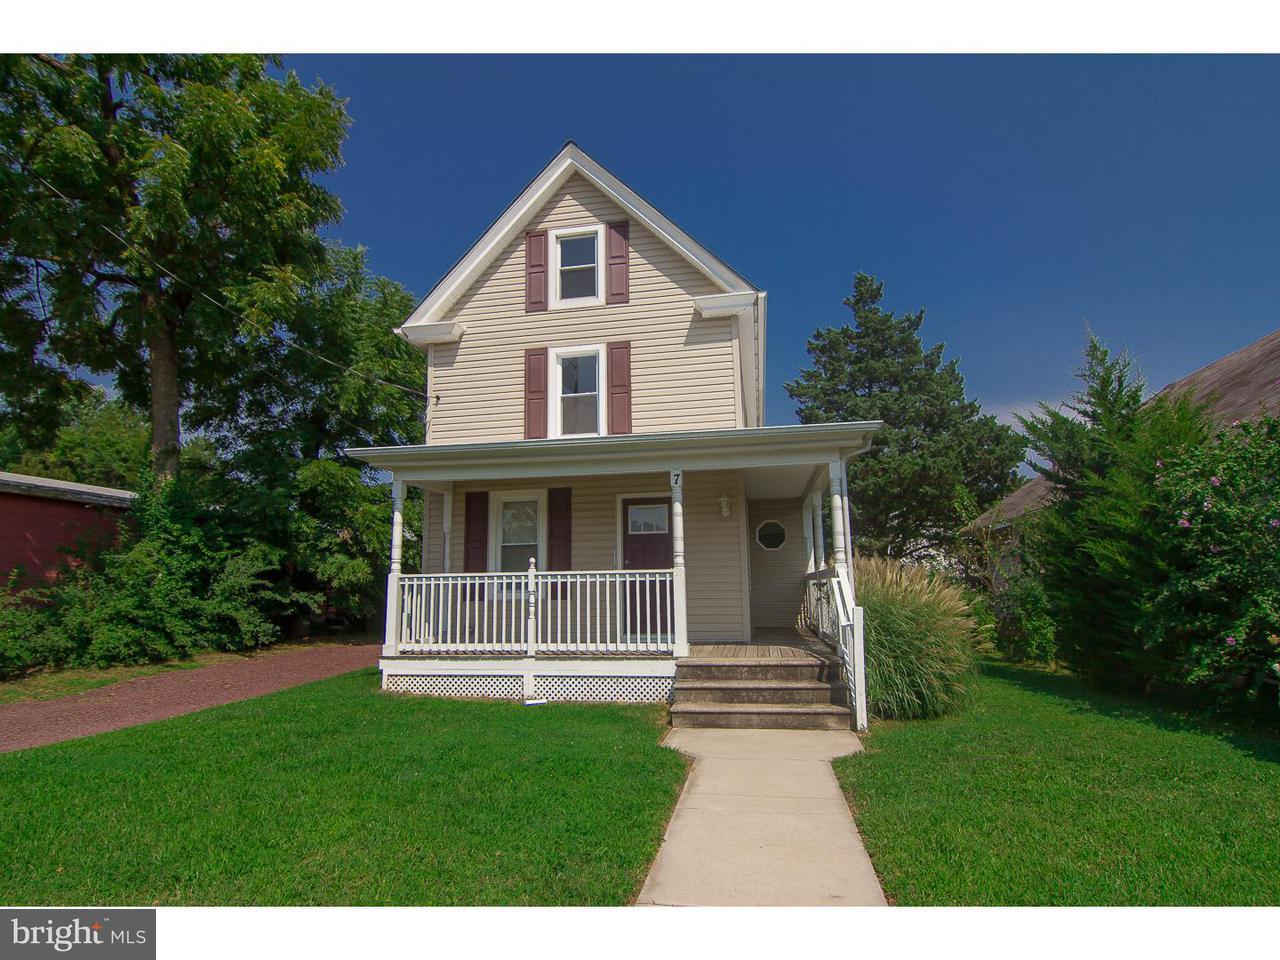 独户住宅 为 出租 在 7 N EAST BLVD Newfield, 新泽西州 08344 美国